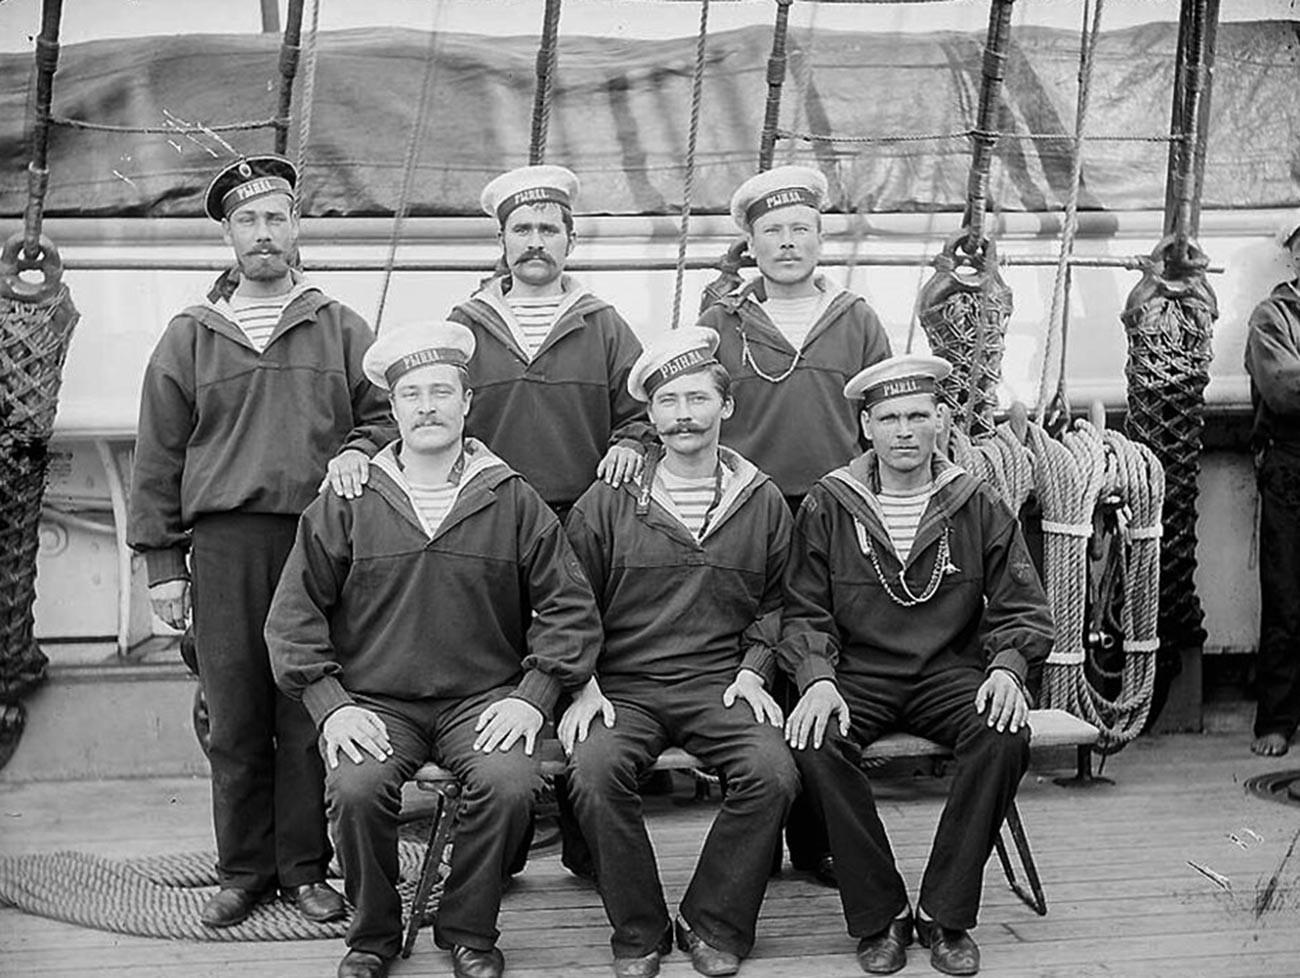 Marinai russi del XIX secolo con una telnyashka vecchio stile